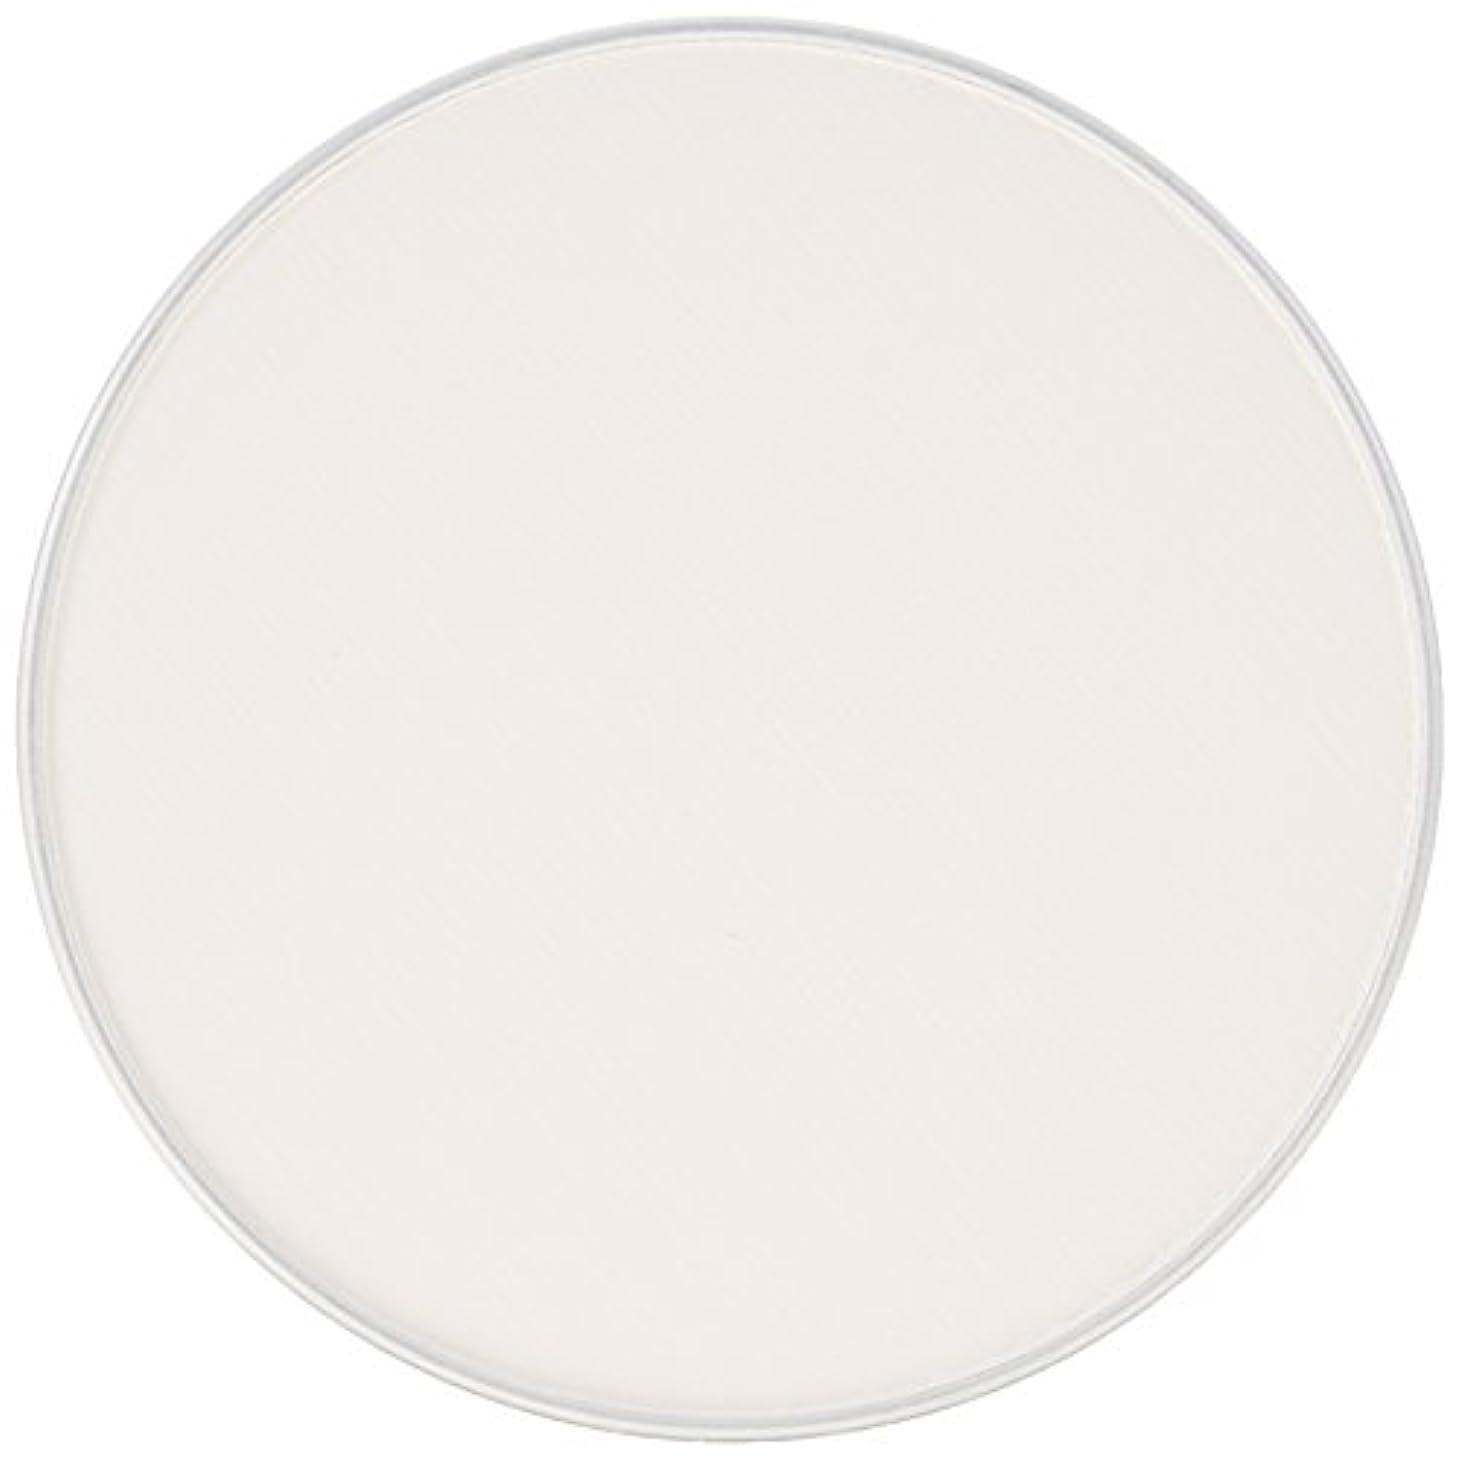 絶望的な切手ターゲット花椿クラブ ブランダーム (レフィル) 25g 【医薬部外品】